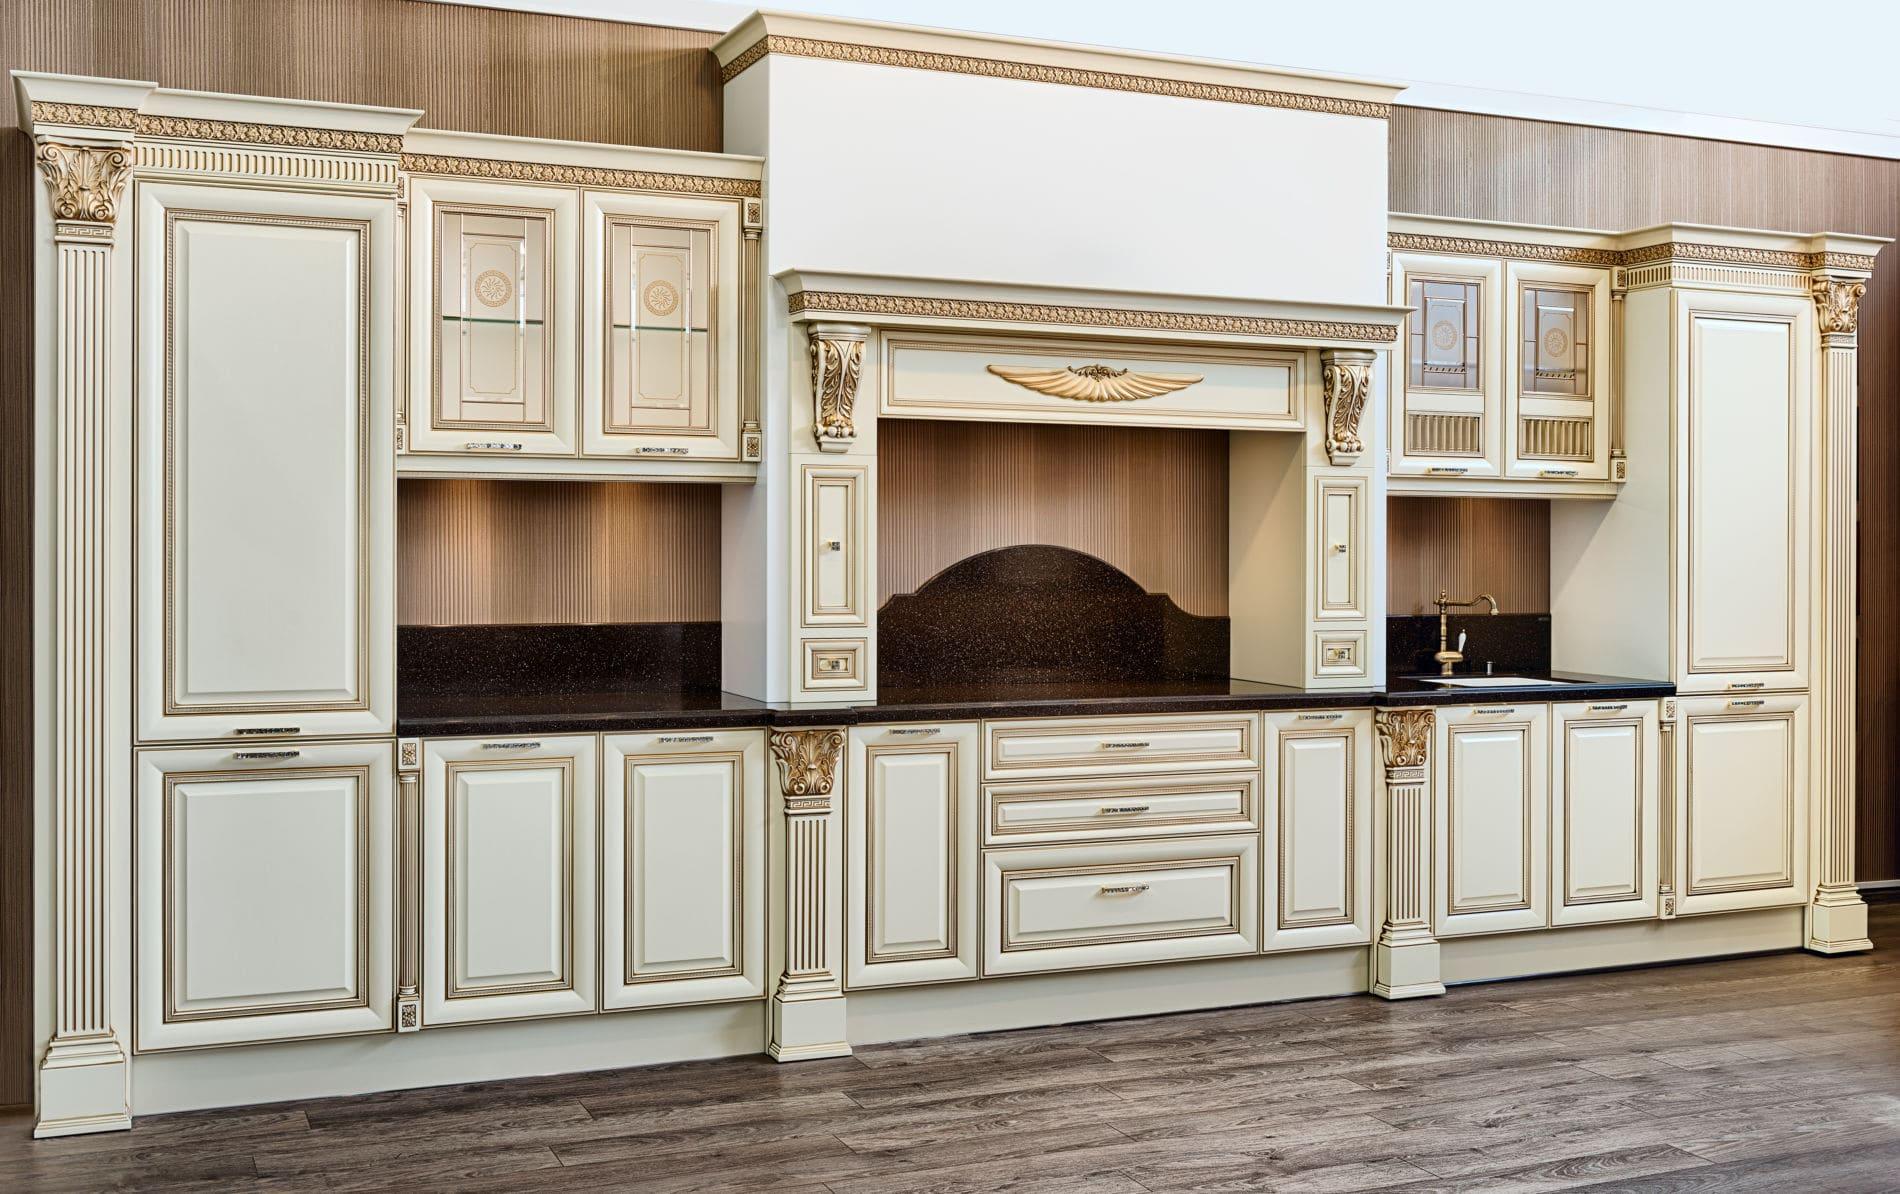 מטבח מעץ מעוצב בצורה יוקרתית דגם ניו רנסנס